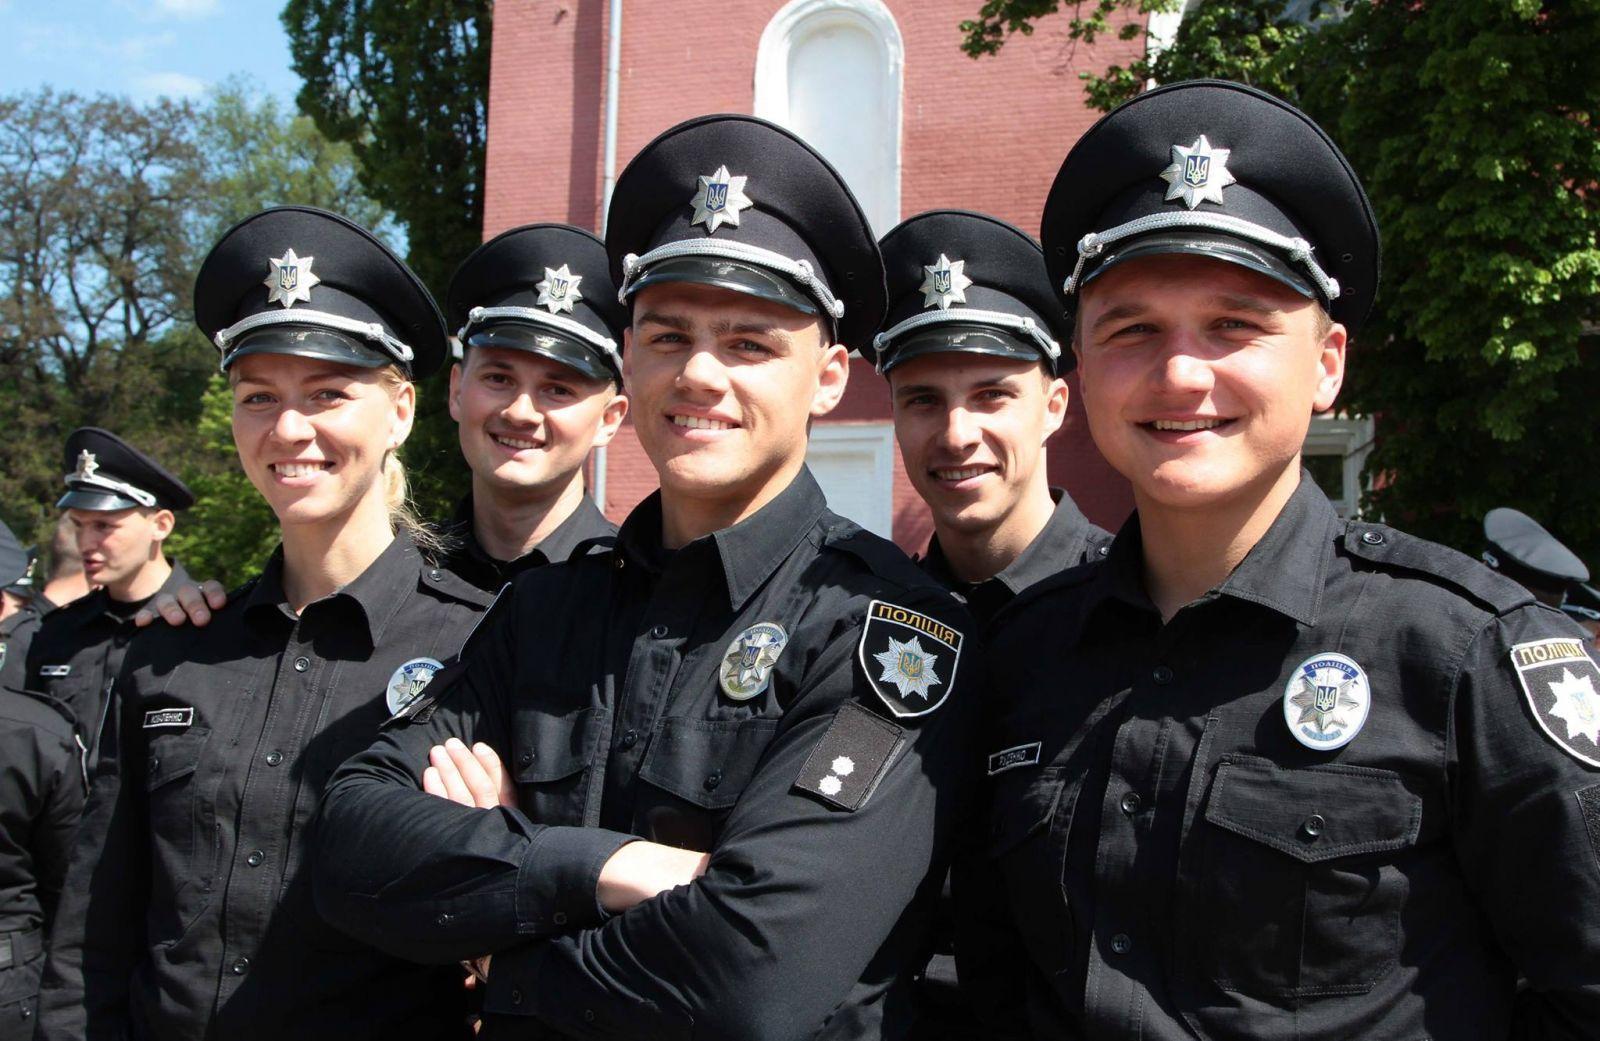 Полицейские в некоторых областях вне работы подрабатывают таксистами 1